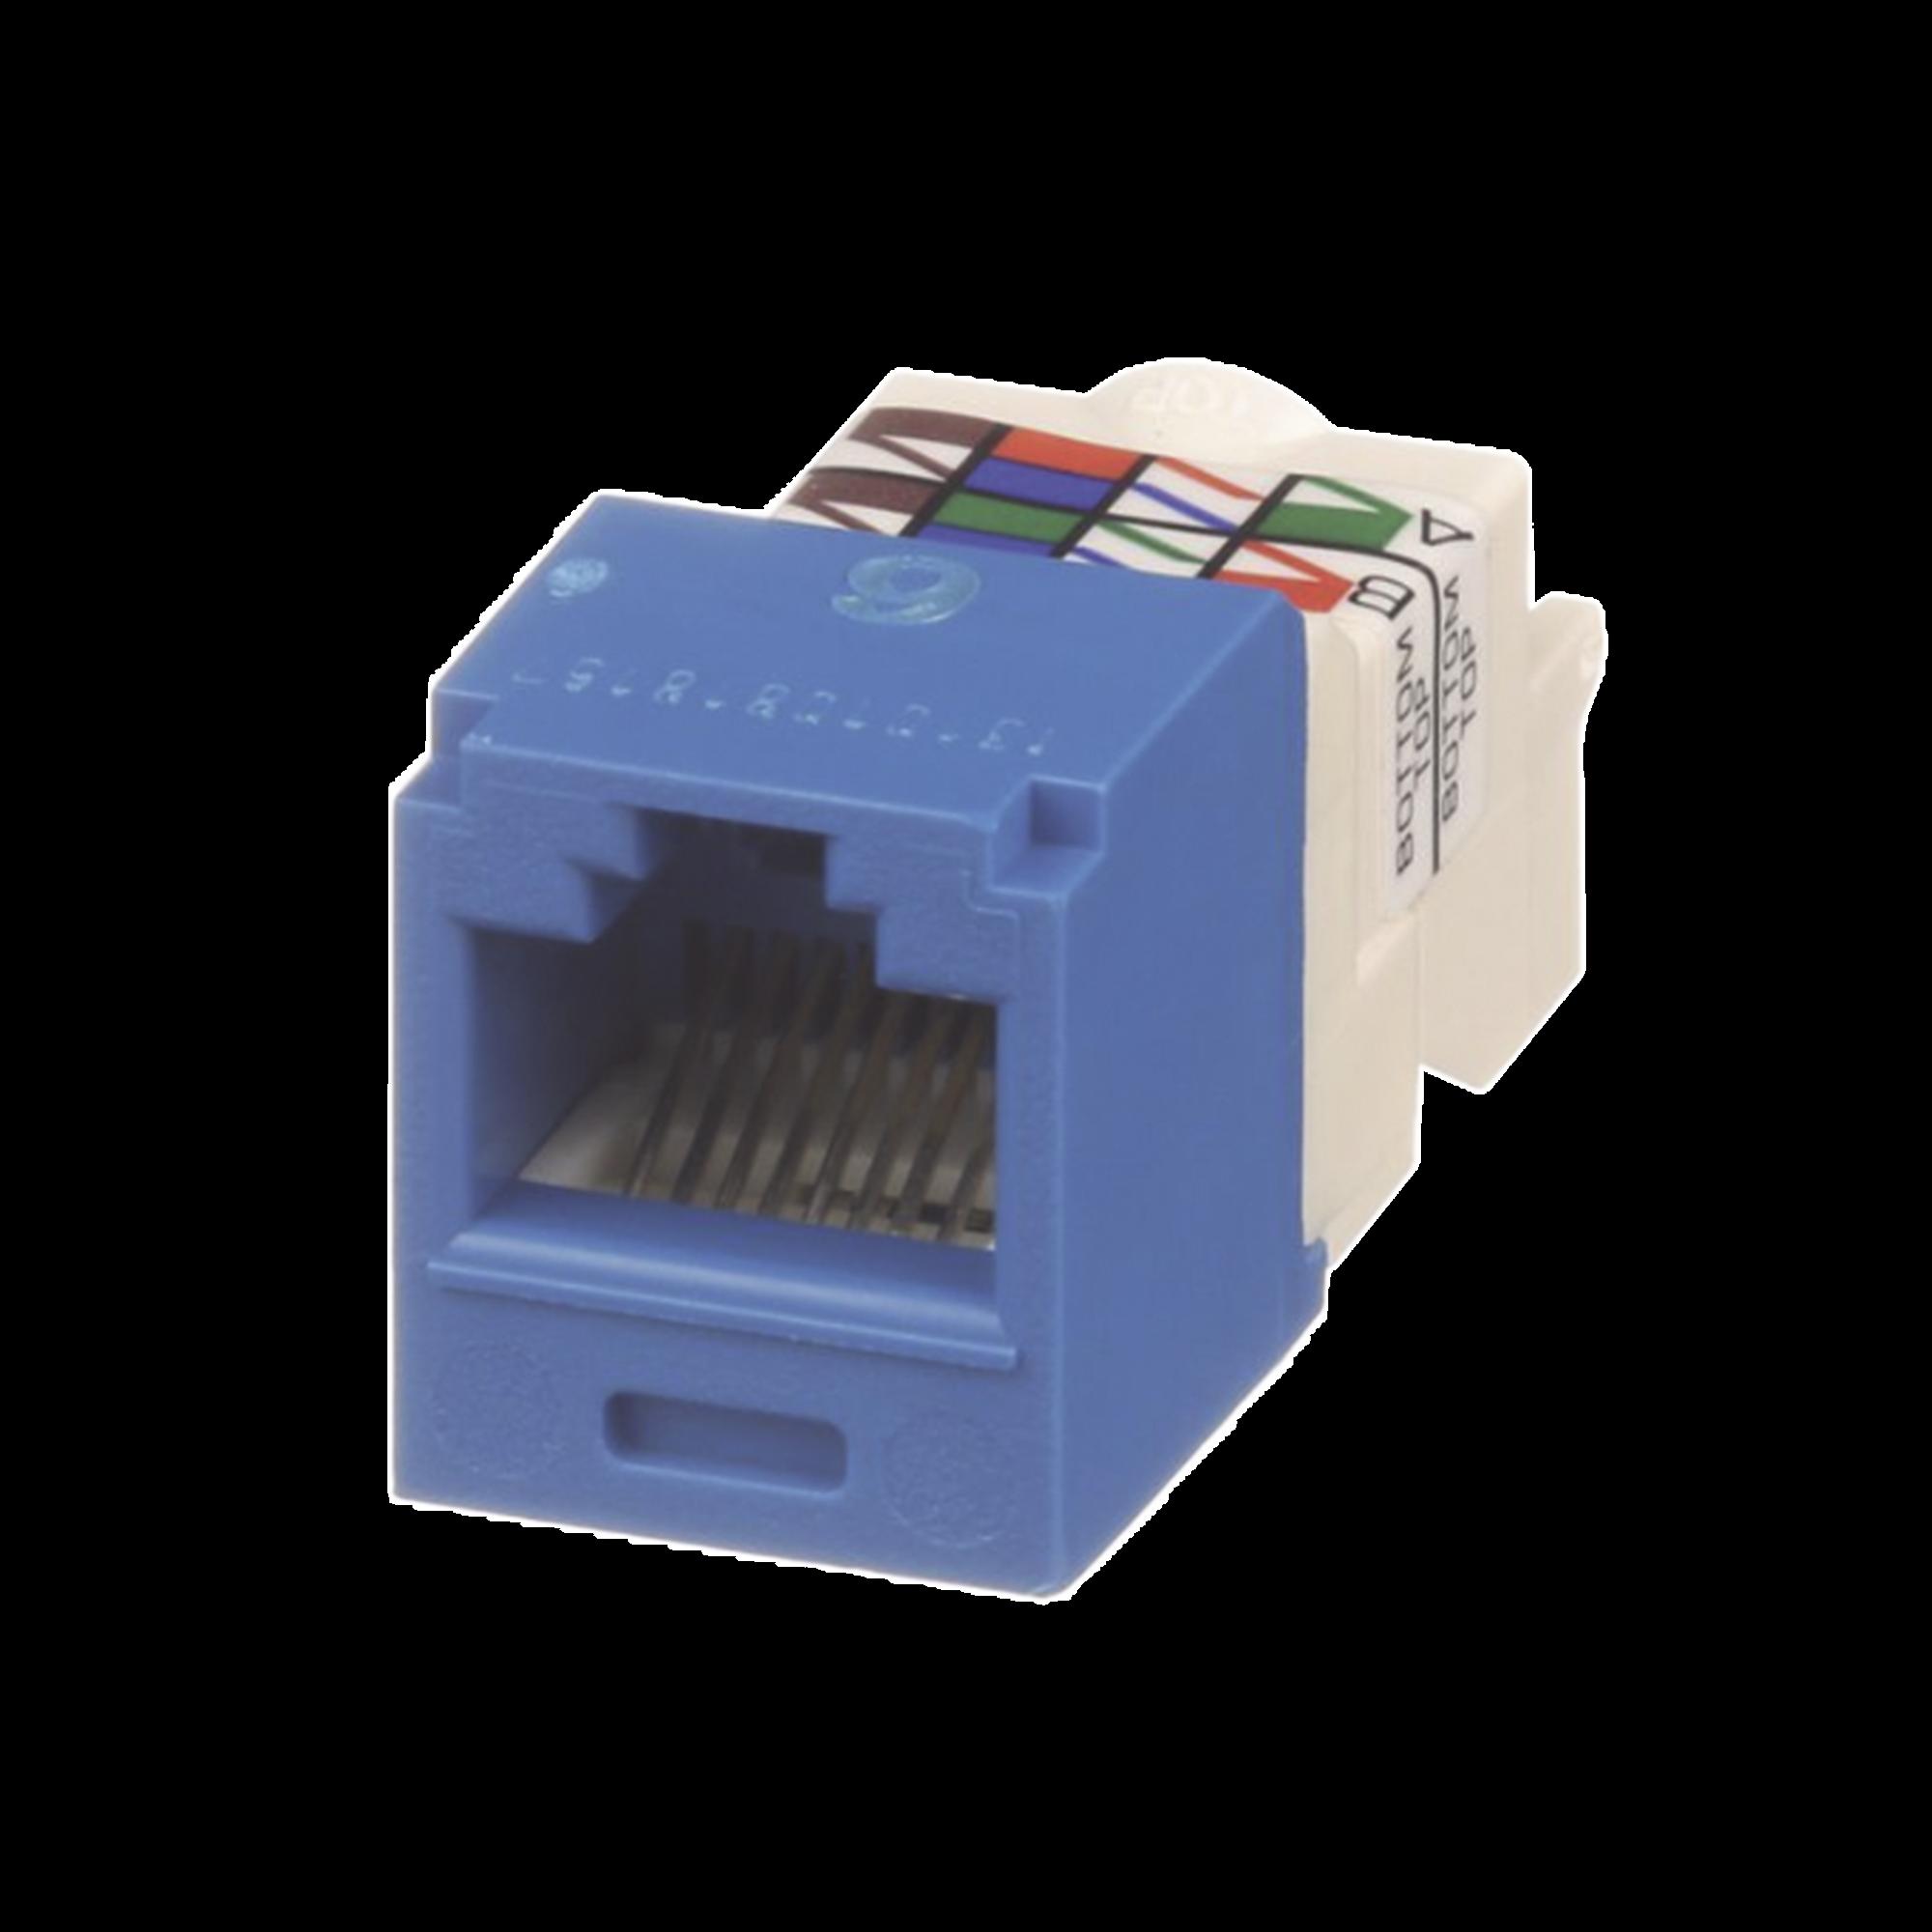 Conector Jack RJ45 Estilo TP, Mini-Com, Categoria 6, de 8 posiciones y 8 cables, Color Azul